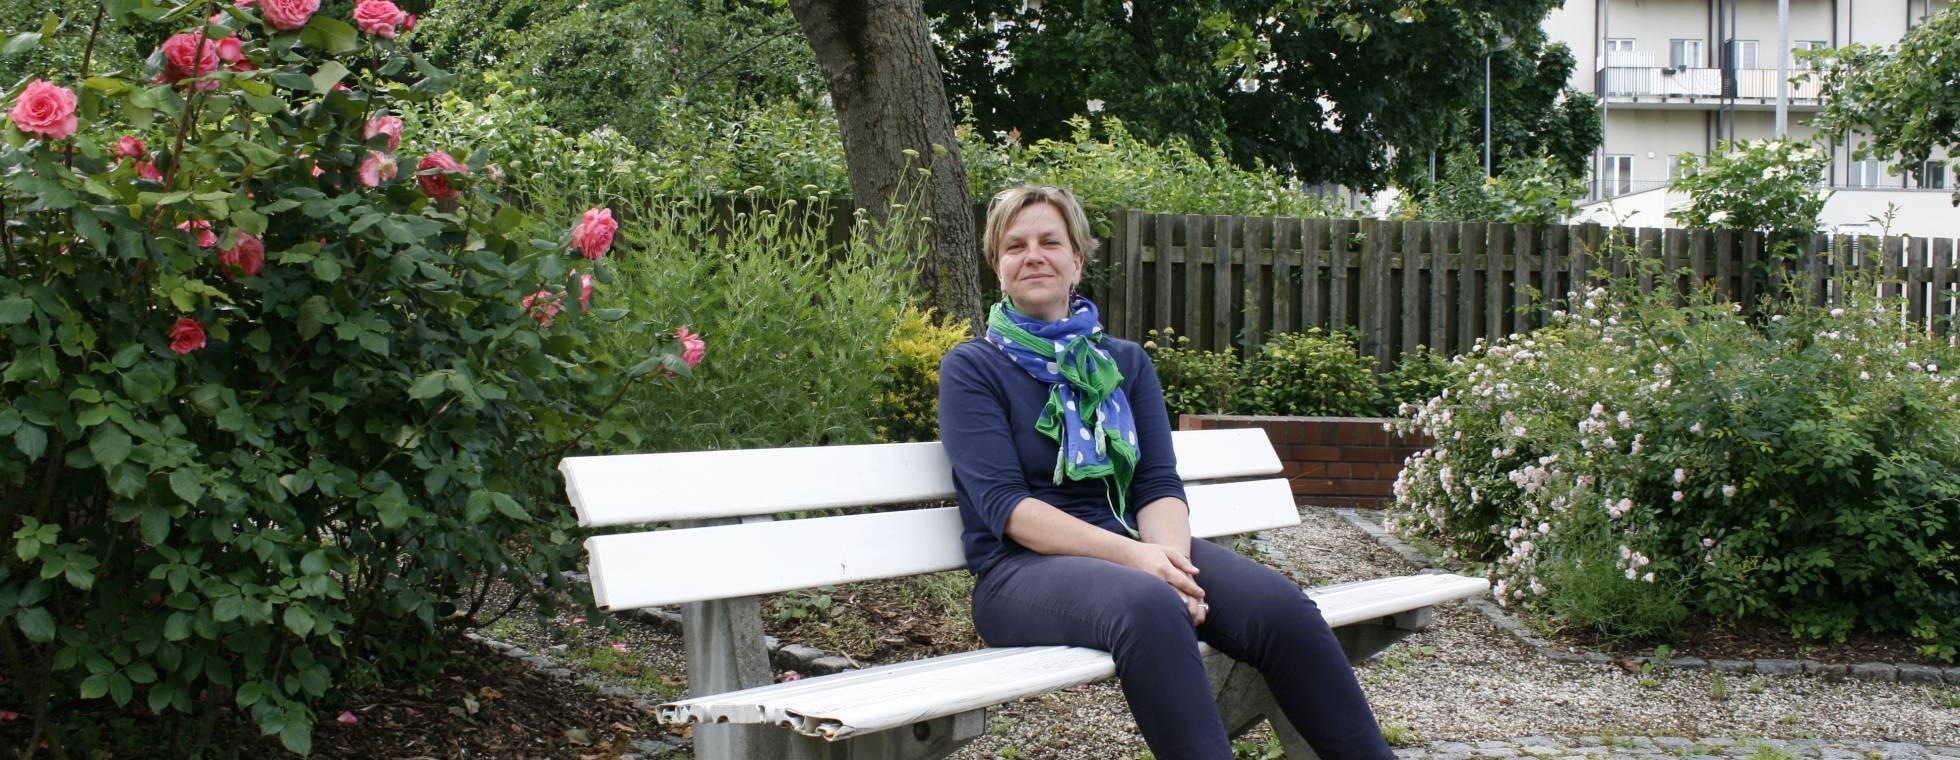 Eine Frau sitzt auf einer Parkbank im Innenhof der DZB